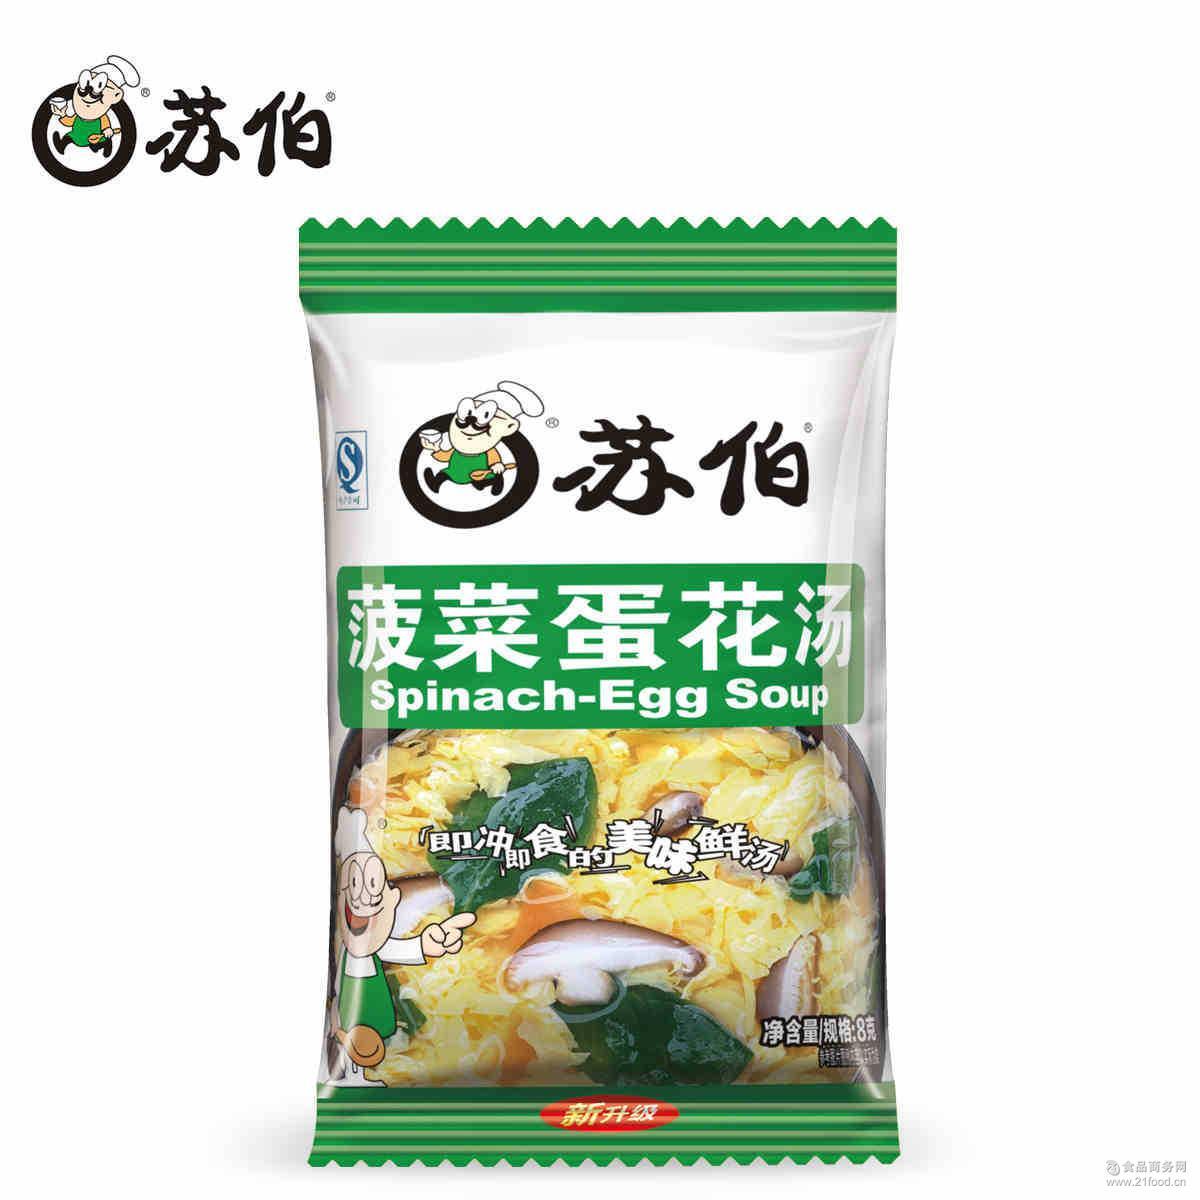 苏伯汤菠菜蛋花汤 *速食汤料 6g 速食店 快餐店